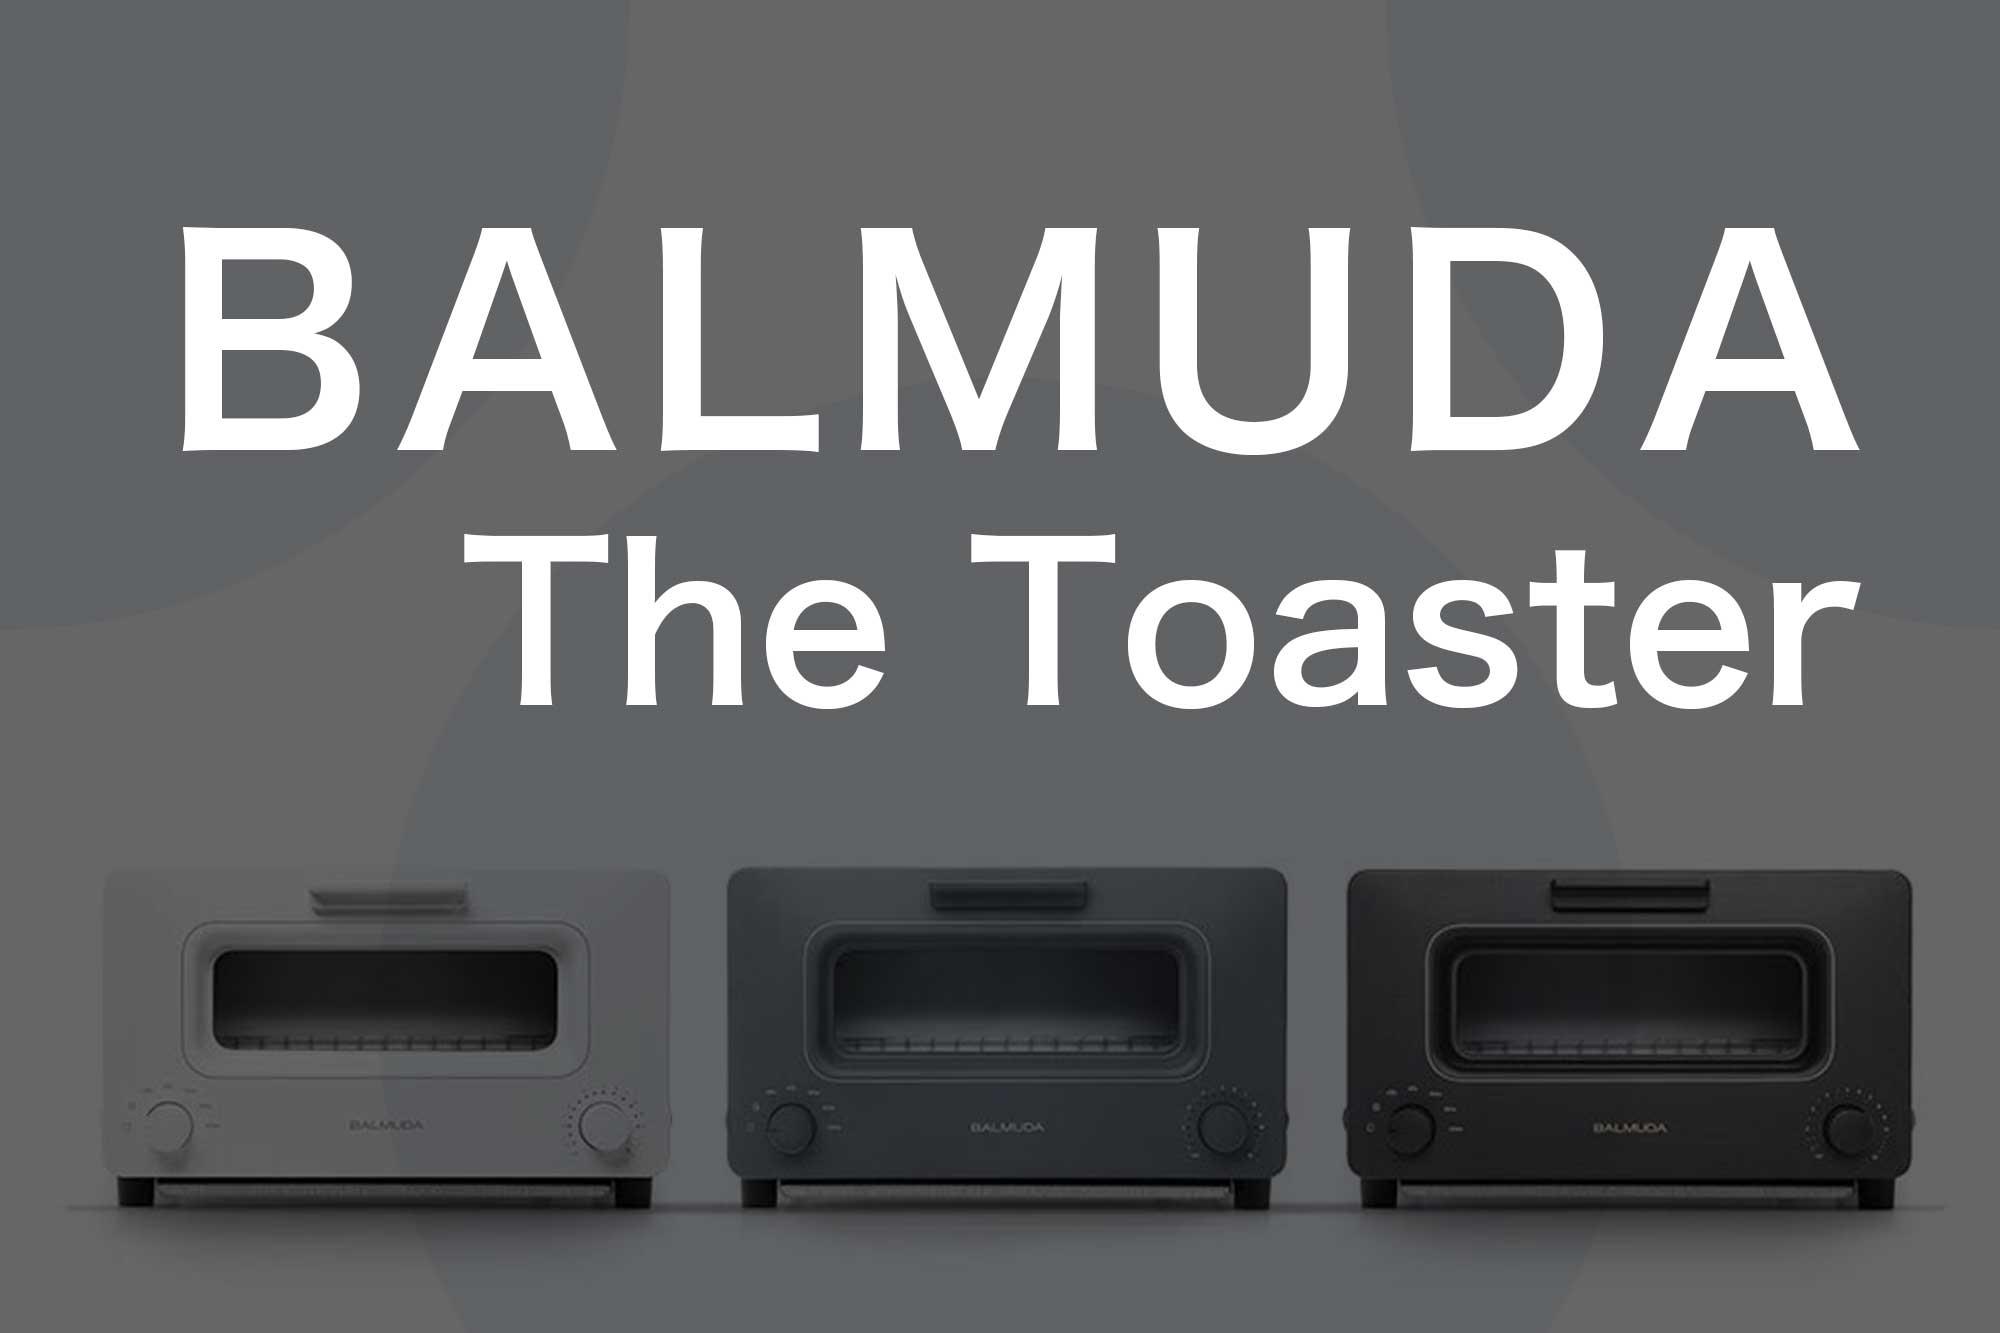 バルミューダのトースター(BALMUDA The Toaster)の新色チャコールグレーがとても気になる